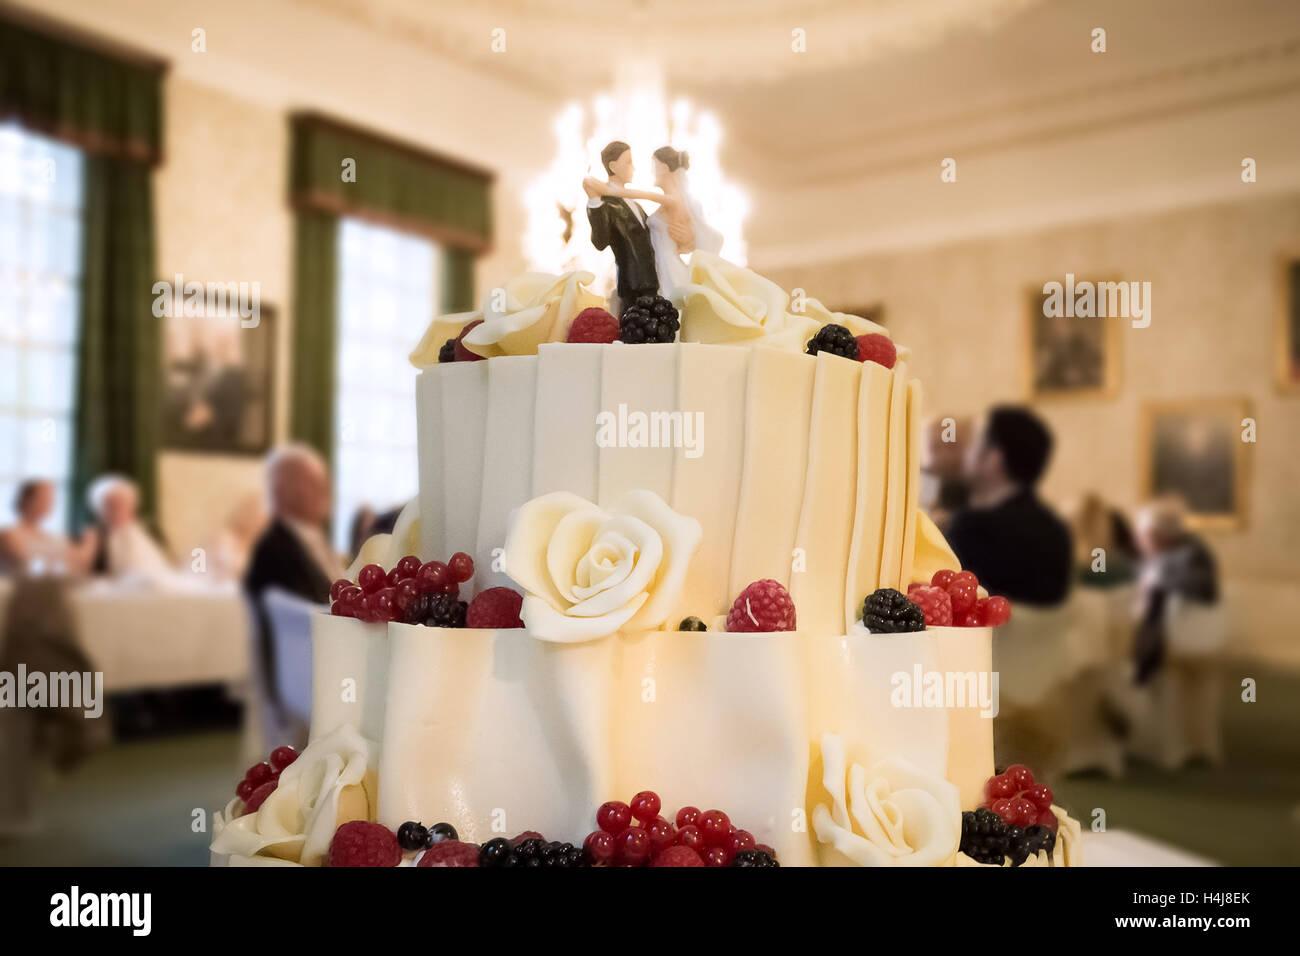 Gâteau de mariage avec figurines couple mâle et femelle Photo Stock